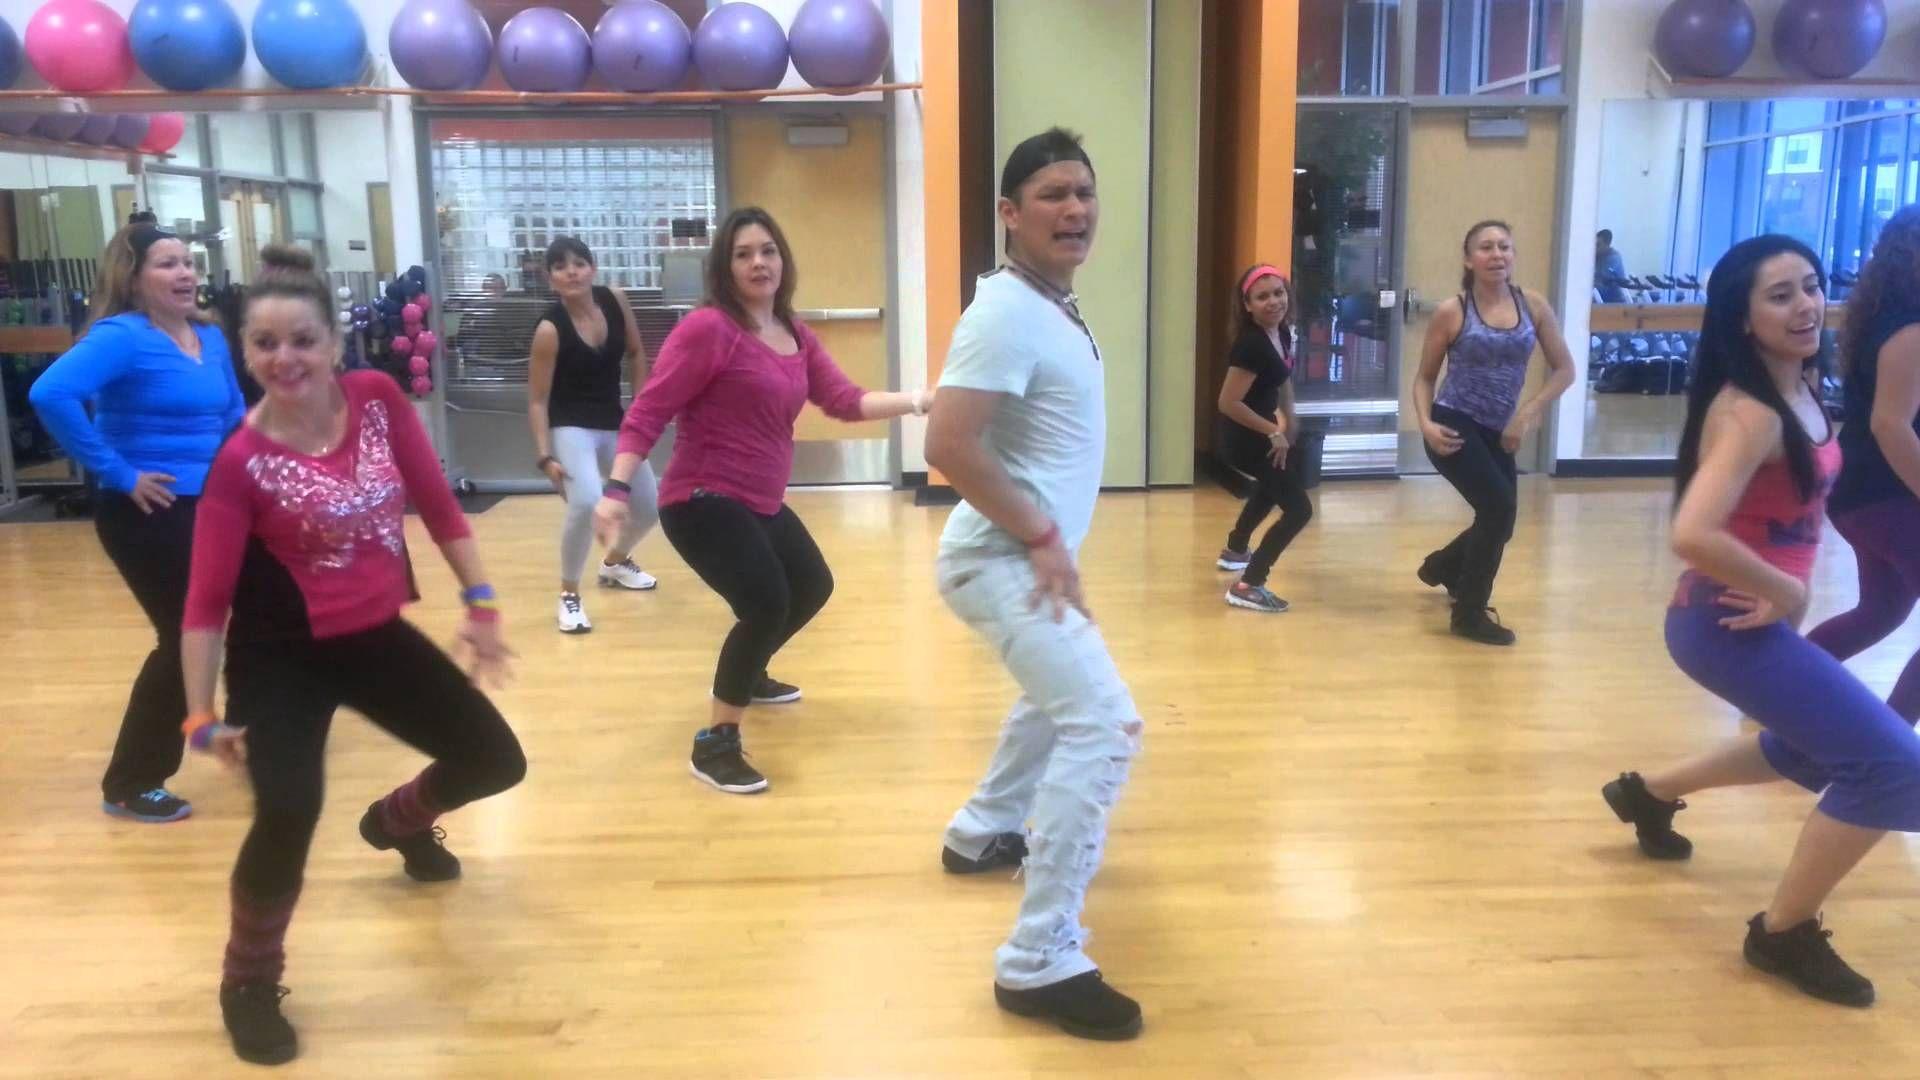 Rumba Tony Bachata Darte Un Beso Zumba Videos Zumba Workout Zumba Routines